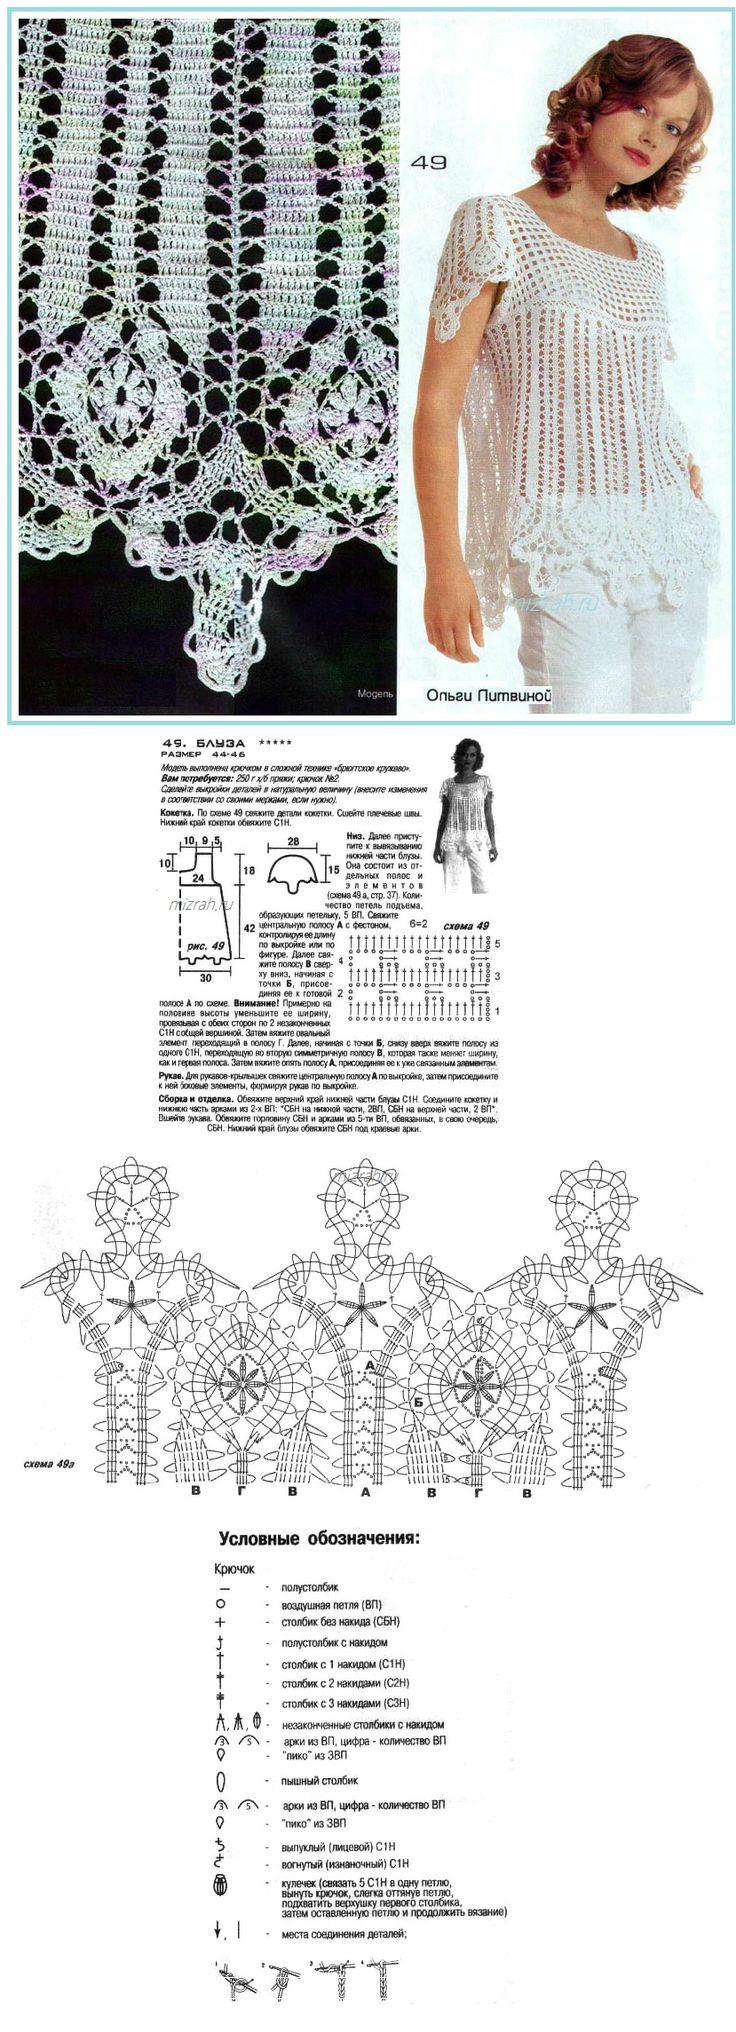 БРЮГГЕ(МК+ модели)   Записи в рубрике БРЮГГЕ(МК+ модели)   Дневник Anik1971A : LiveInternet - Российский Сервис Онлайн-Дневников